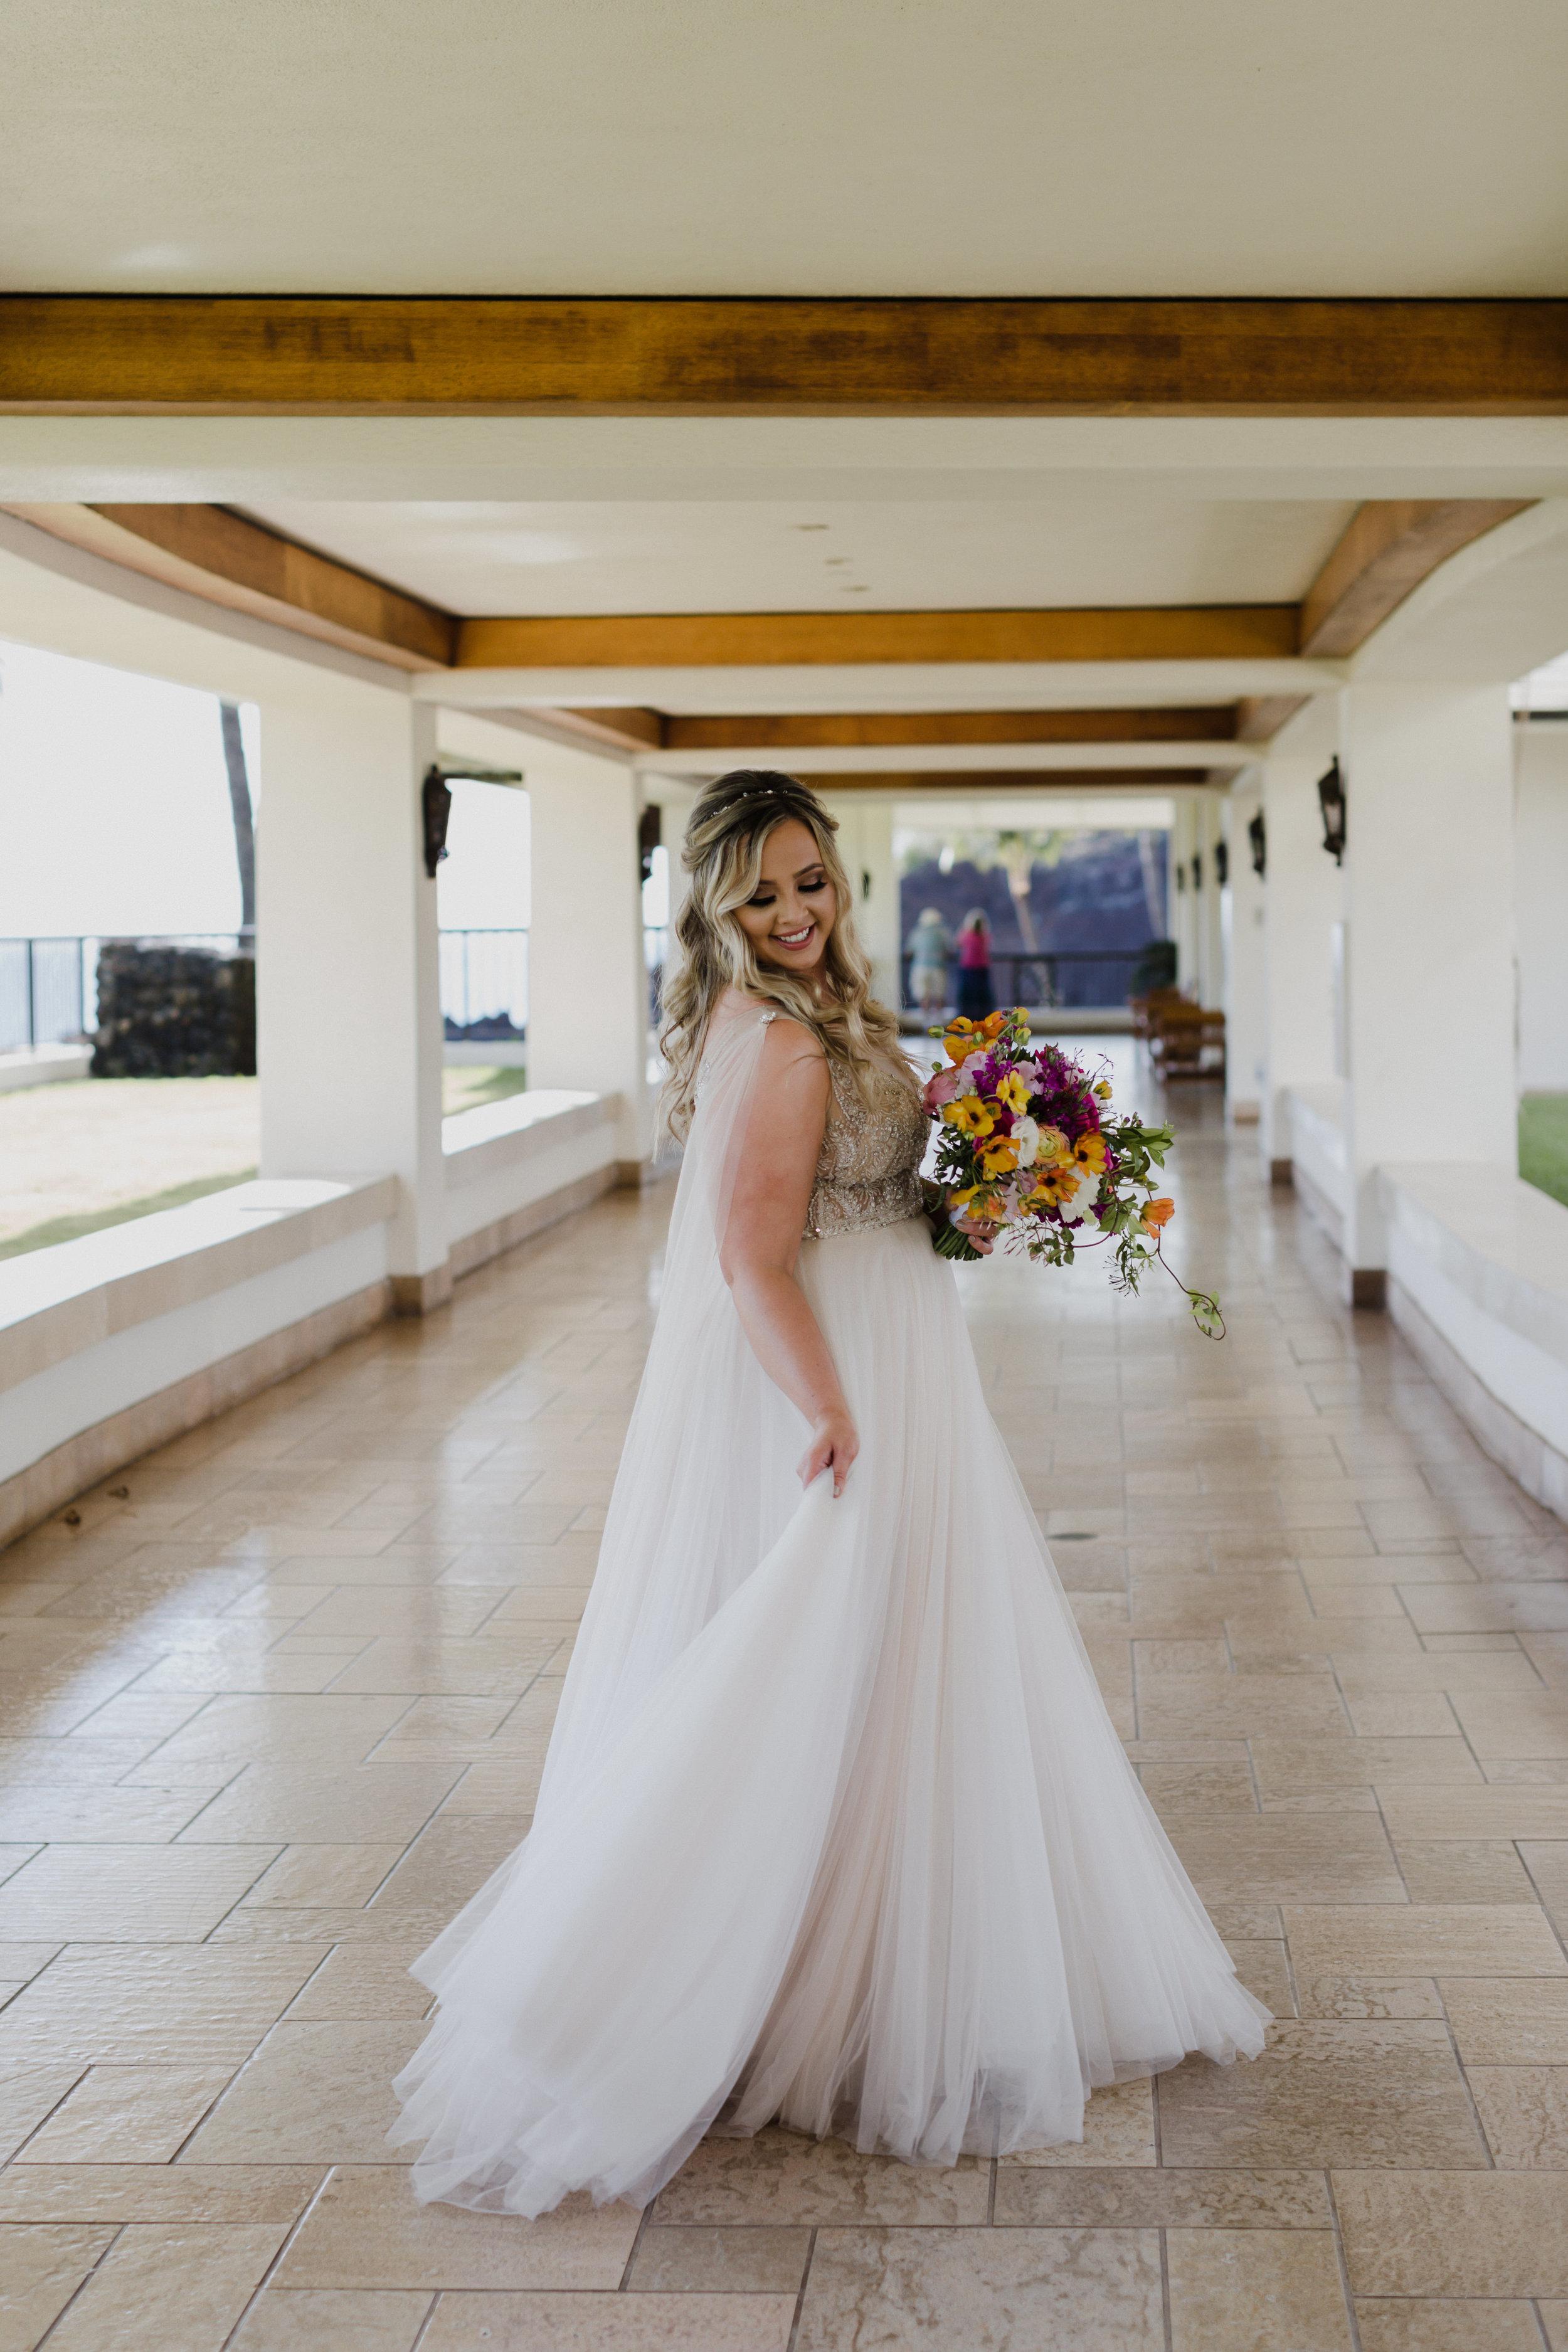 Stephanie-Betsill-Photography-Maui-Photographer-Hawaii-Wedding-Photographer-0434.jpg